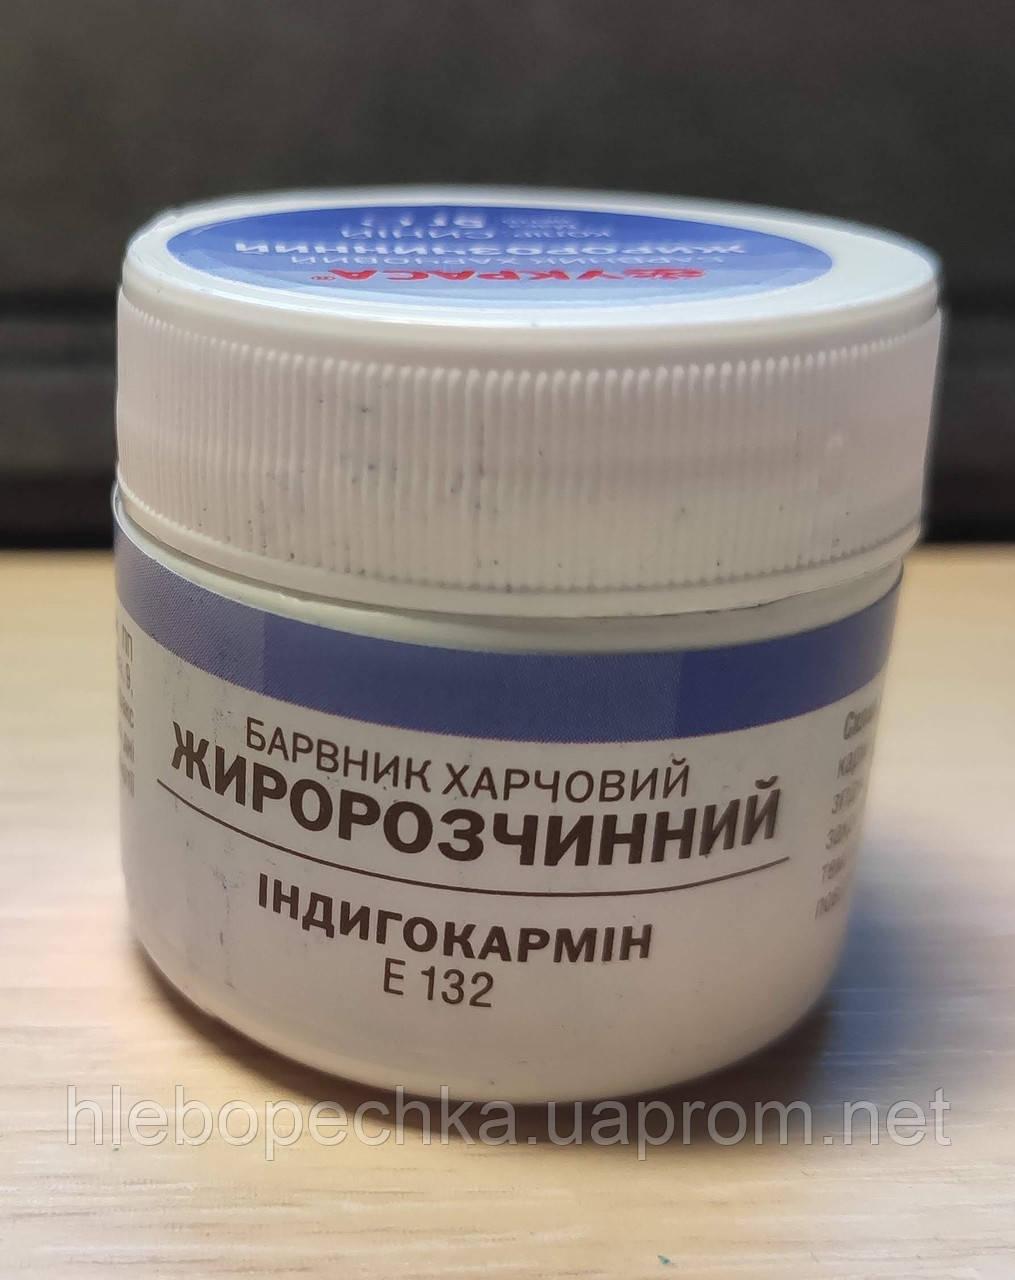 Барвник харчовий жиророзчинний, синій